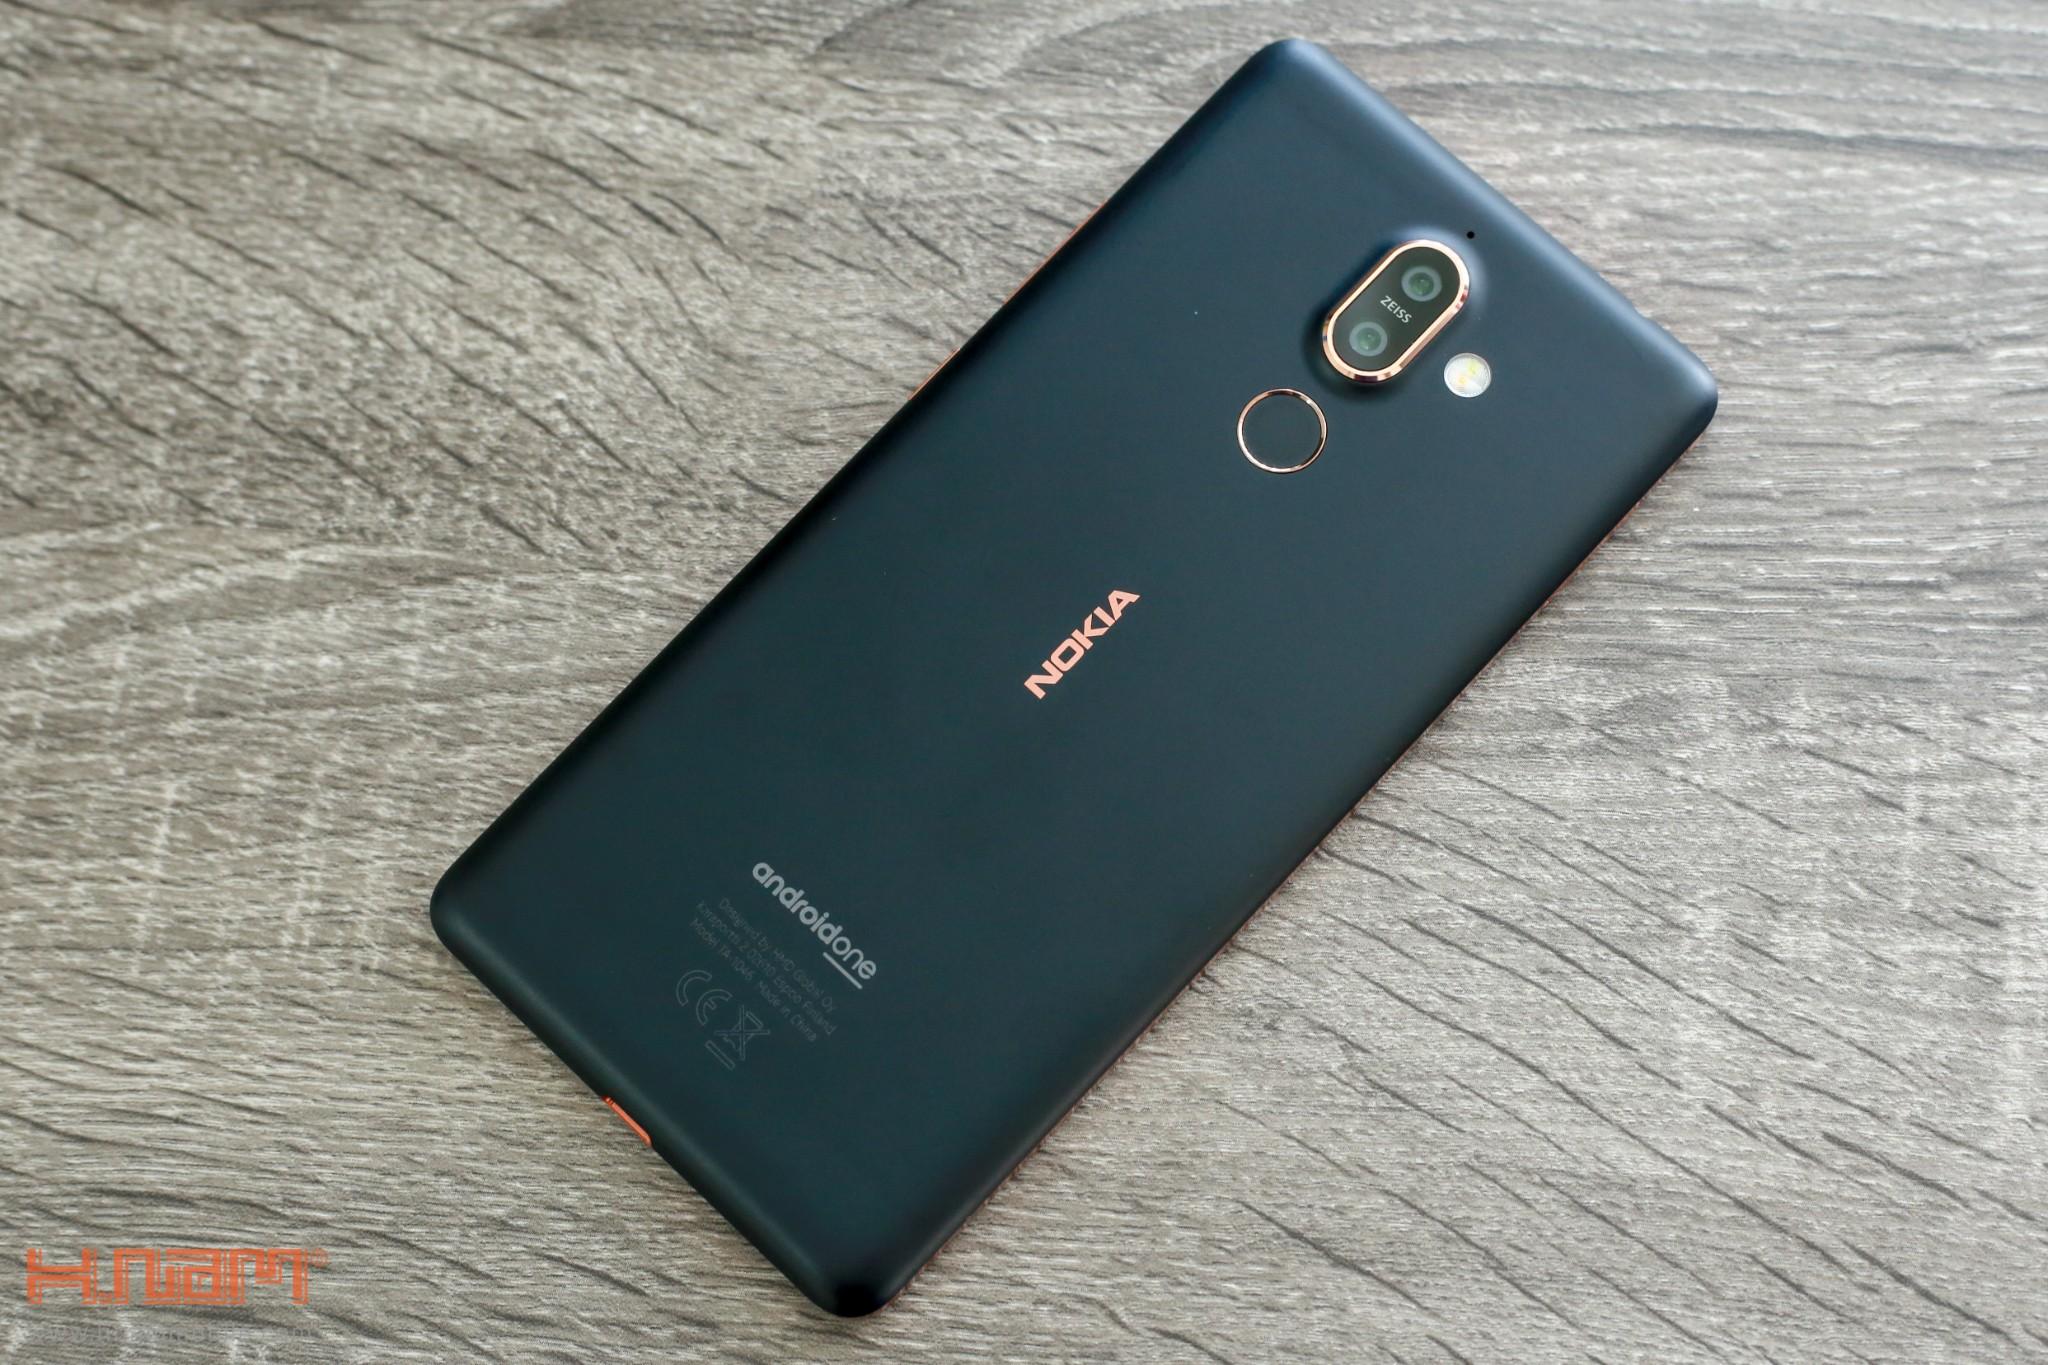 Trên tay Nokia 7 Plus: Smartphone Nokia đầu tiên có màn hình 18:9 hình 5